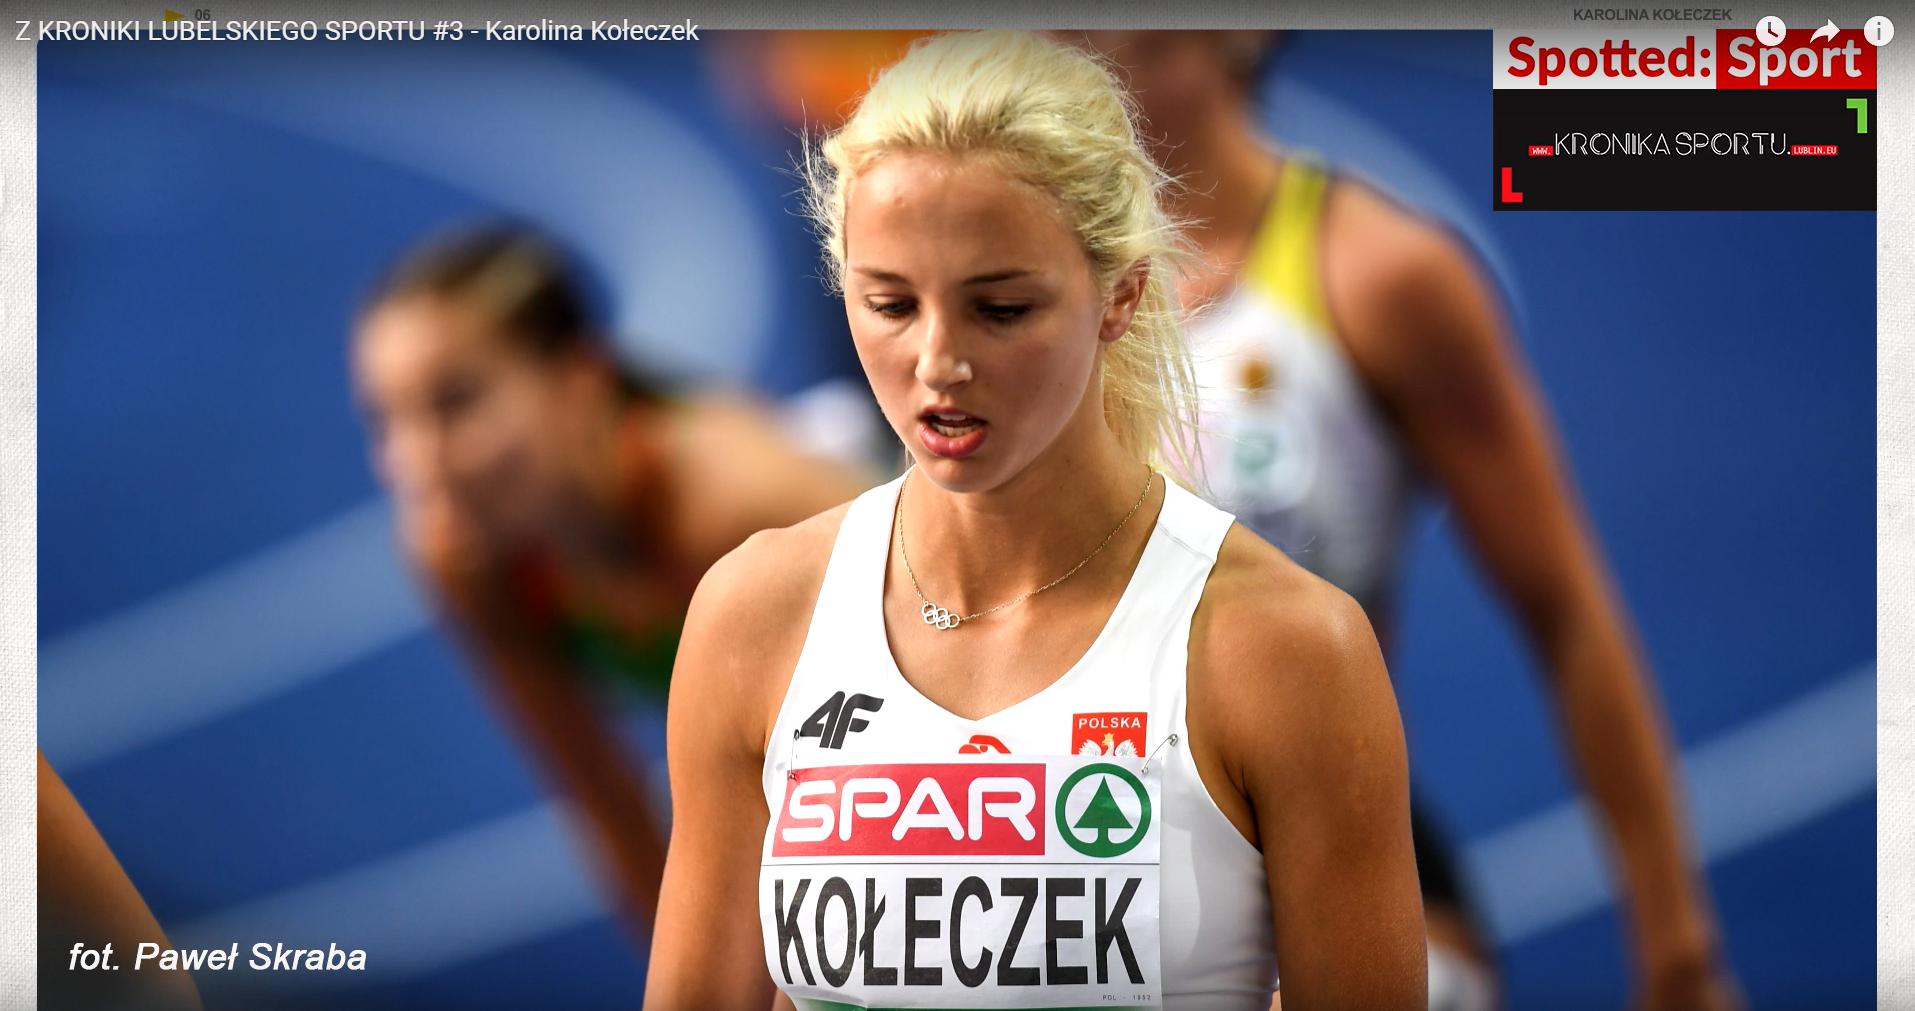 Z Kroniki Lubelskiego Sportu #3: Wywiad z Karoliną Kołeczek